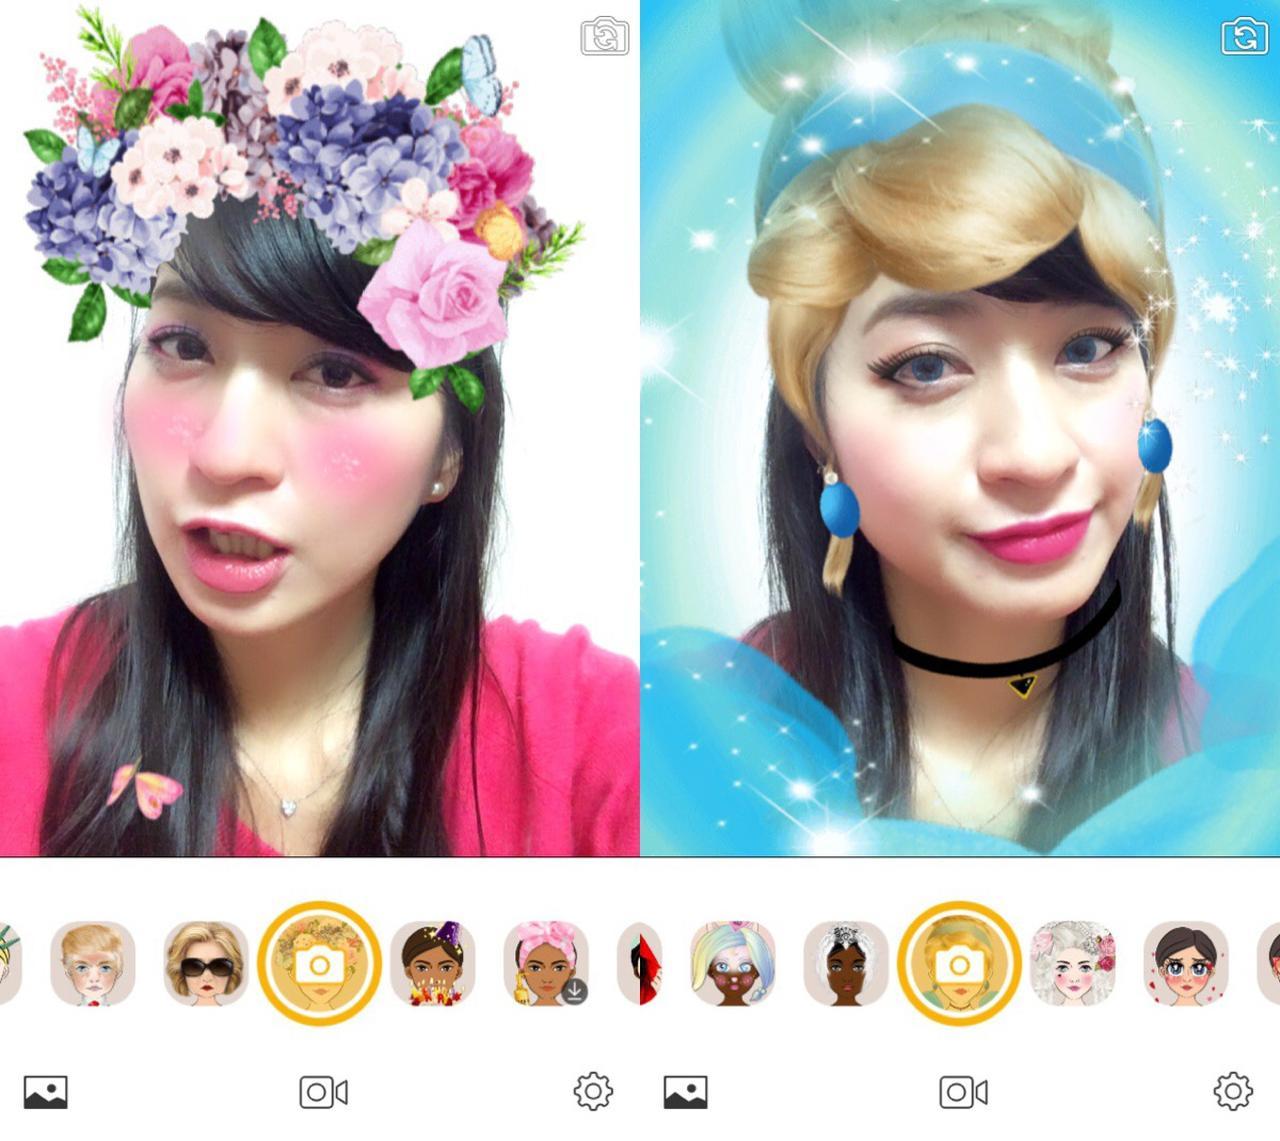 画像2: アプリを立ち上げて写すだけで顔を認識してデコレーション!